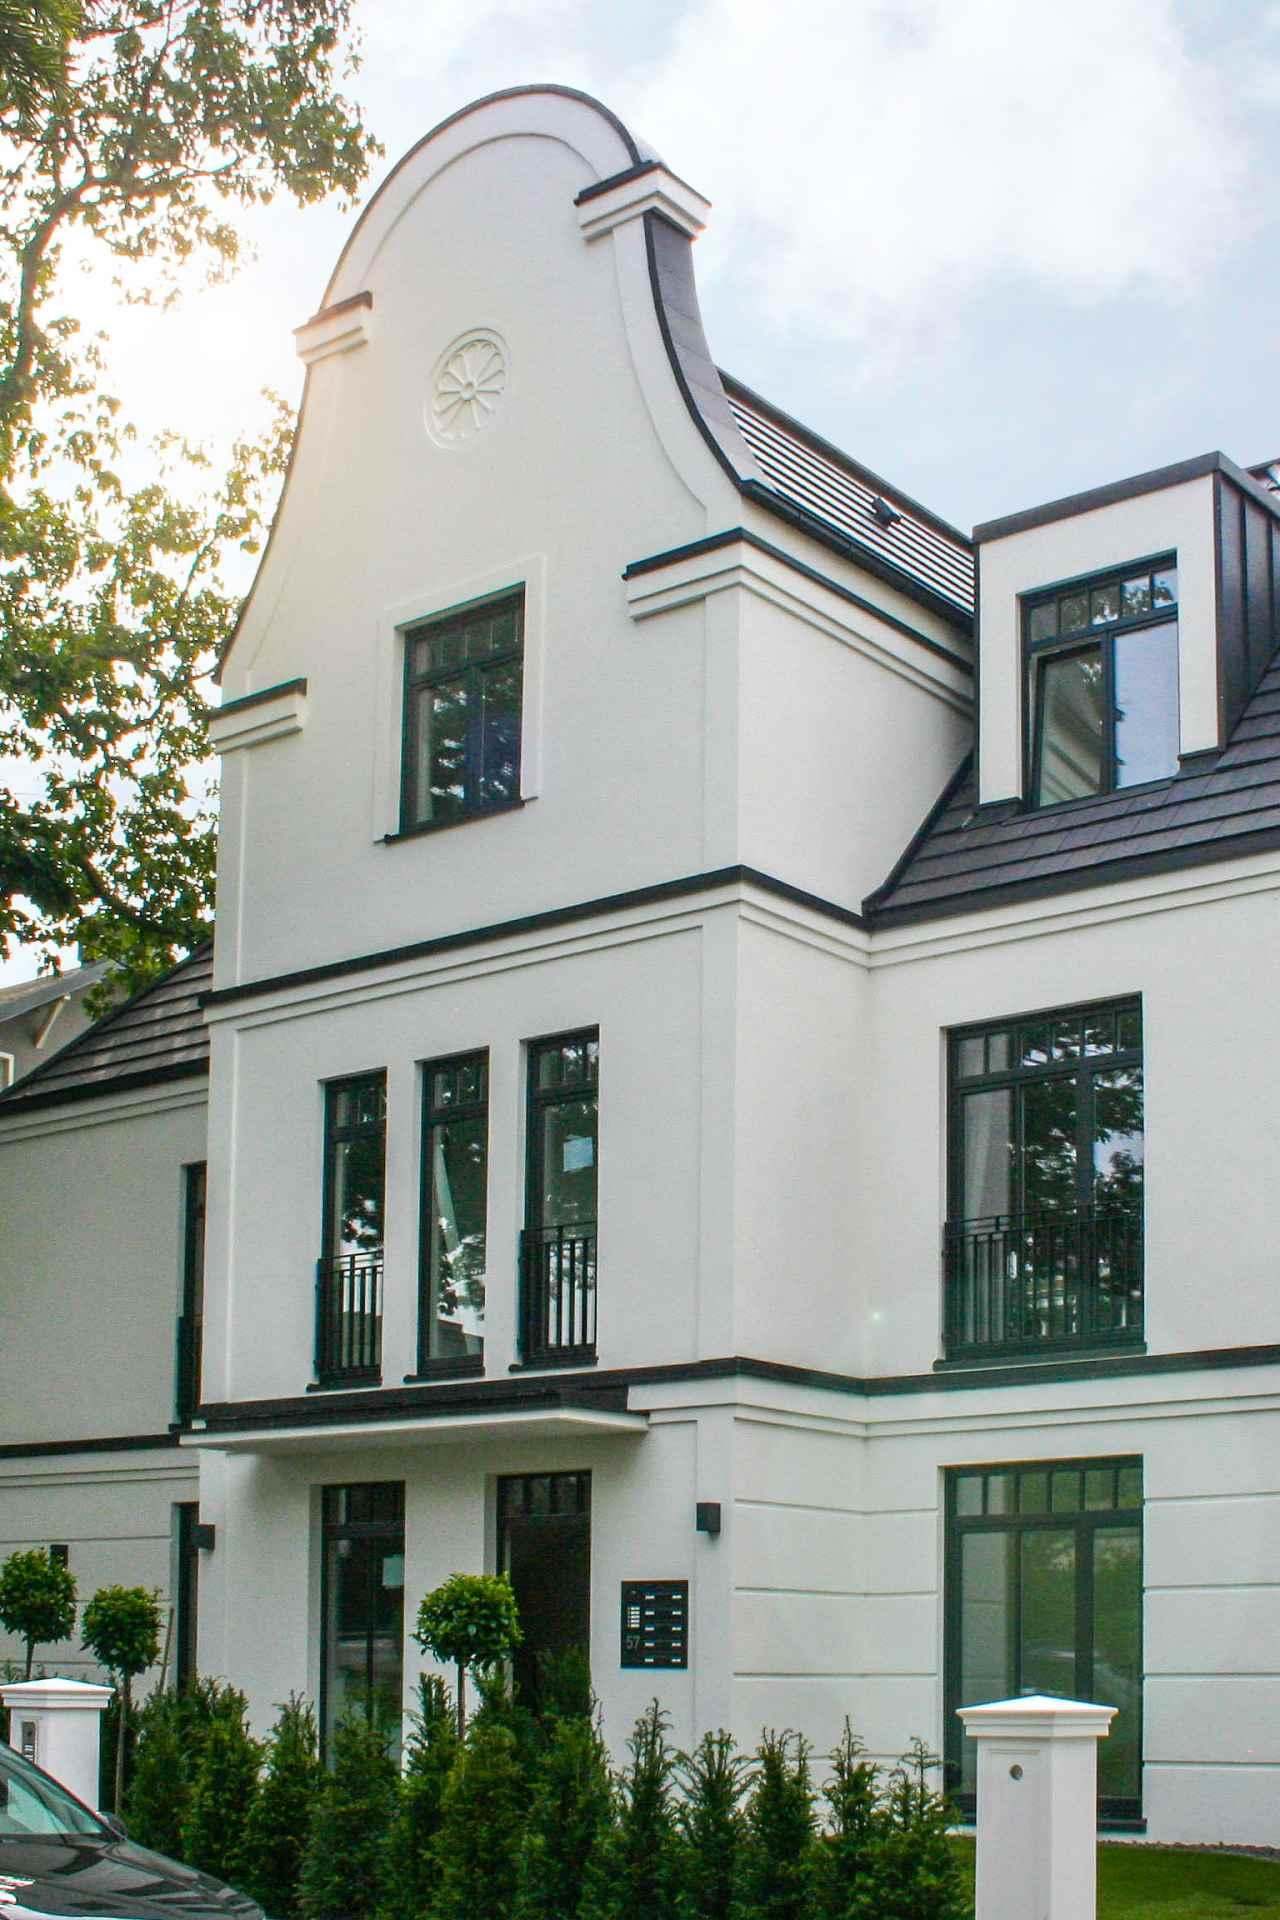 WAI (Wohnbauten) Exklusives Wohnen unweit der Elbe